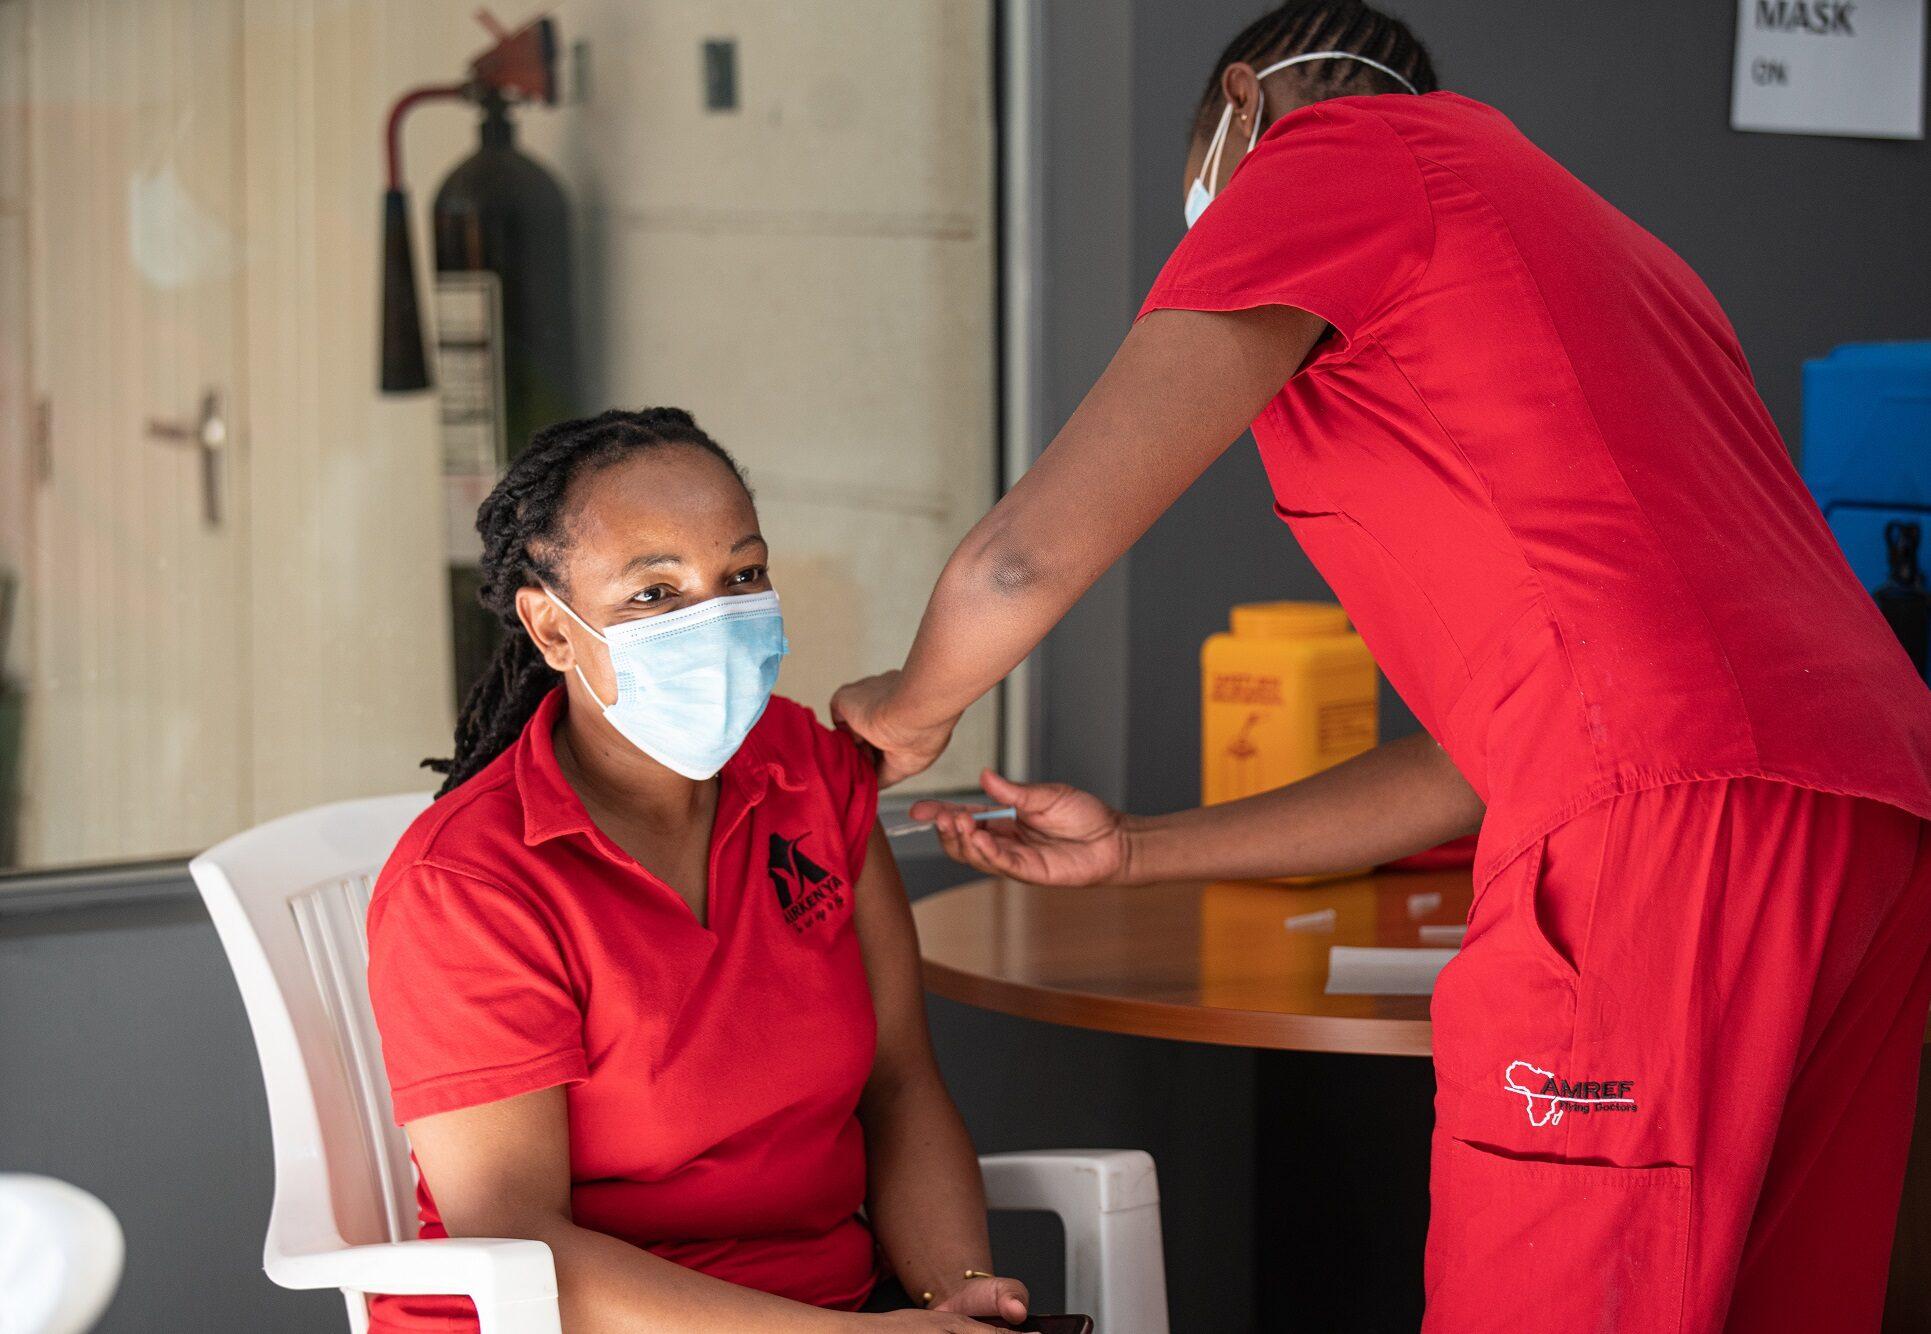 vaccinazione-personale-sanitario-aspect-ratio-97-67